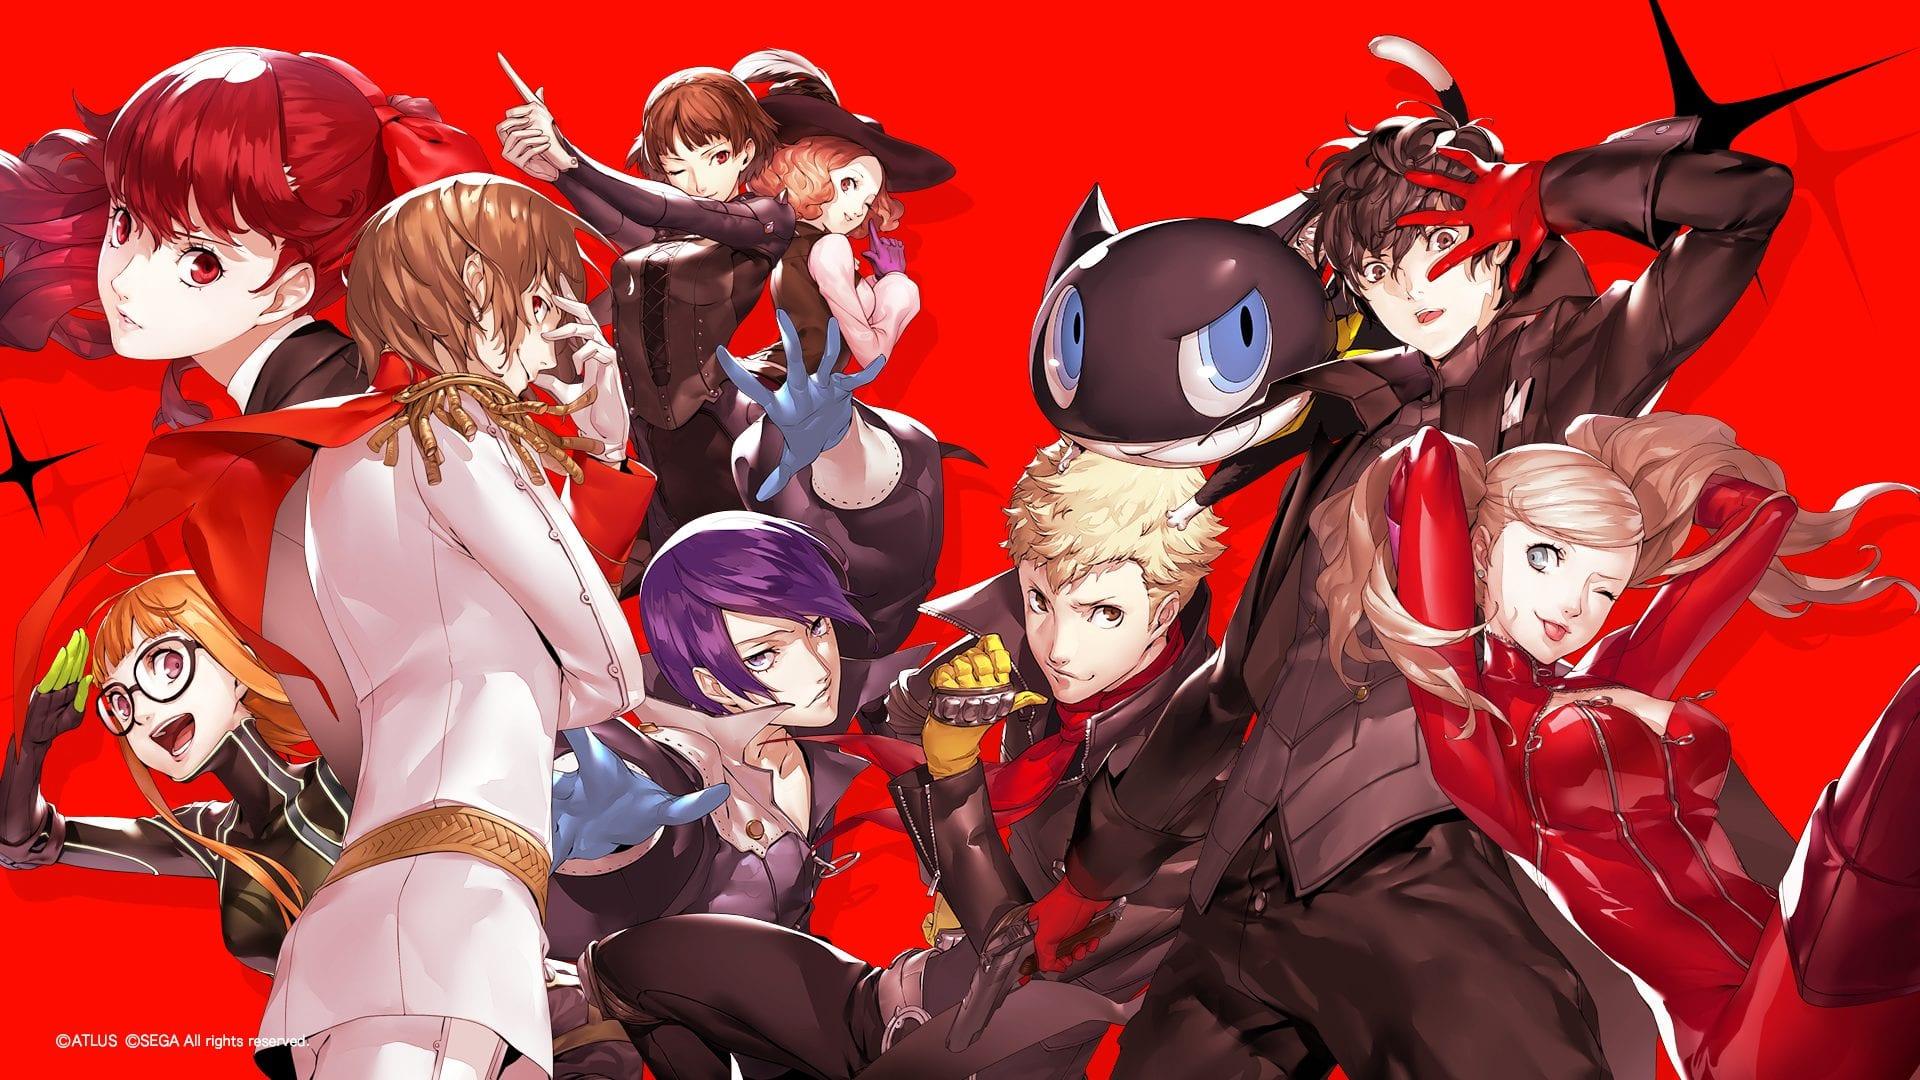 persona 5 royal, disaster shadows